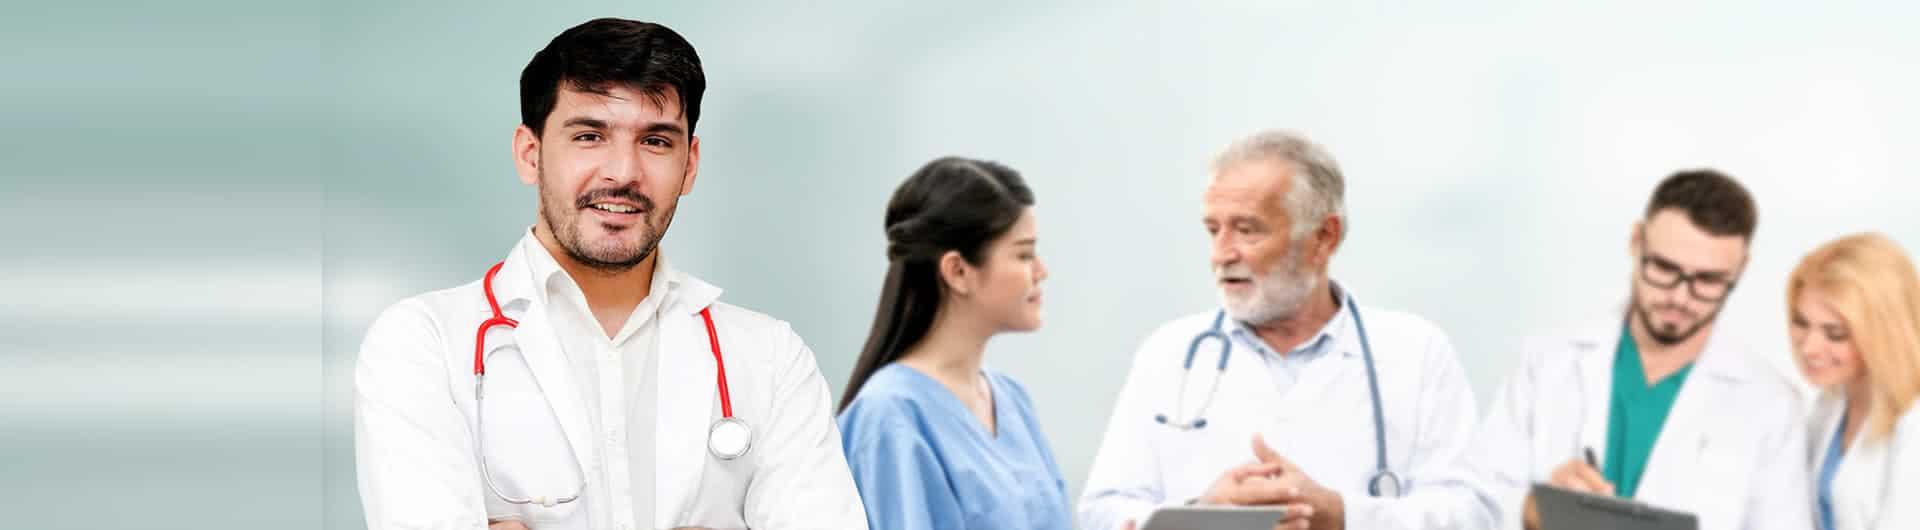 Berufshaftpflicht Zahnmediziner » MoneyCheck